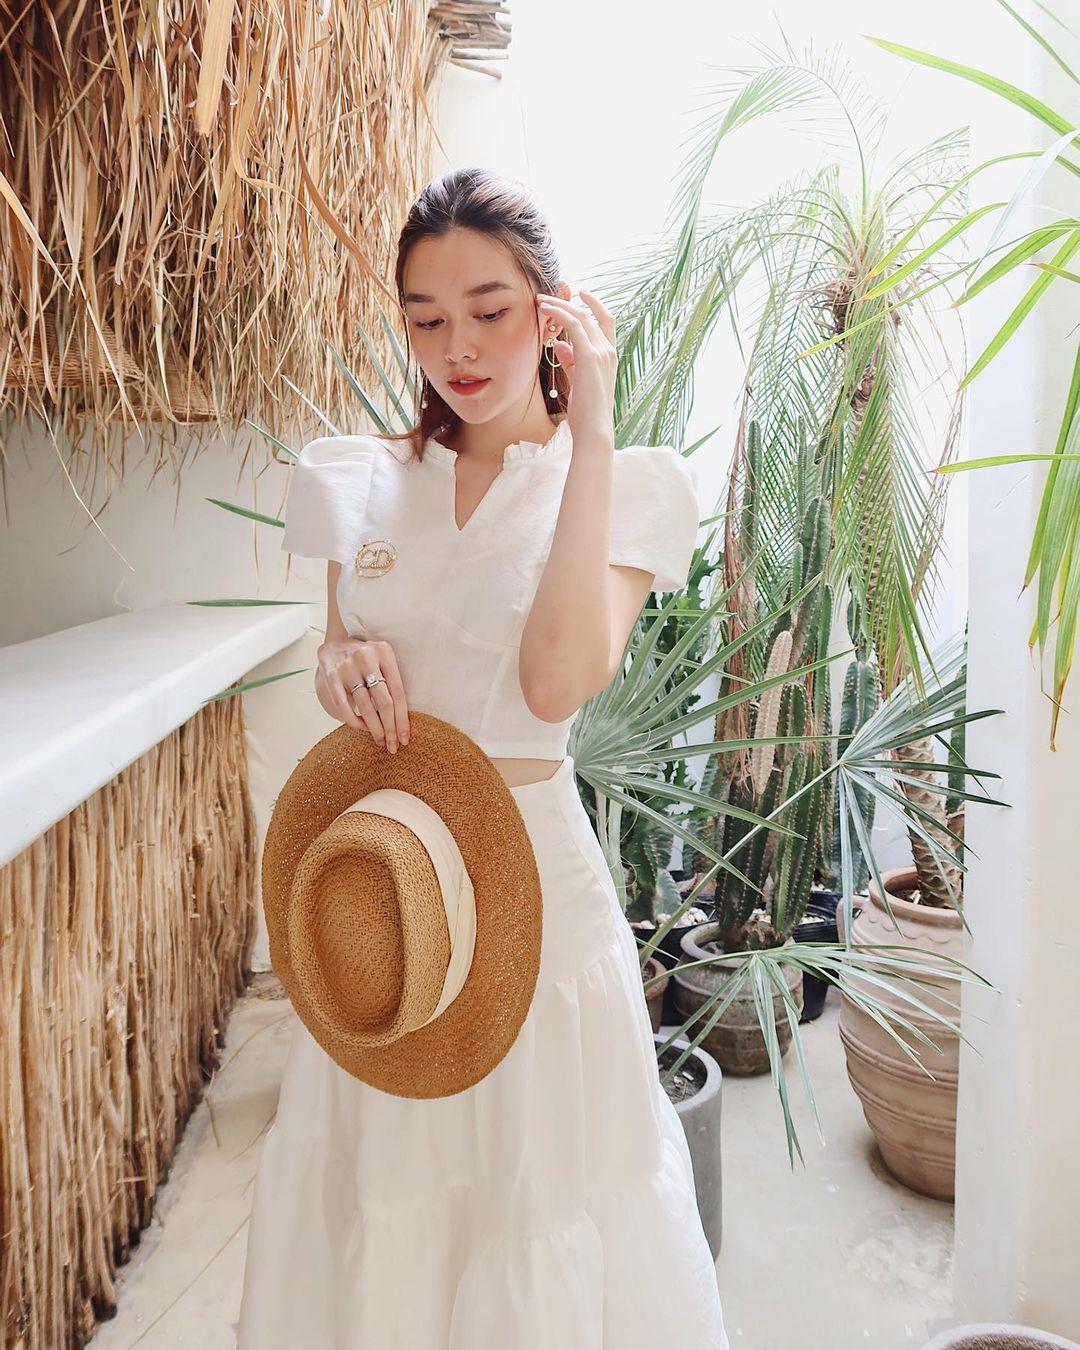 Hóng xem sao Việt diện đồ local brand nào trong tuần qua, chị em dễ sắm theo ngay để có style chanh sả - Ảnh 5.